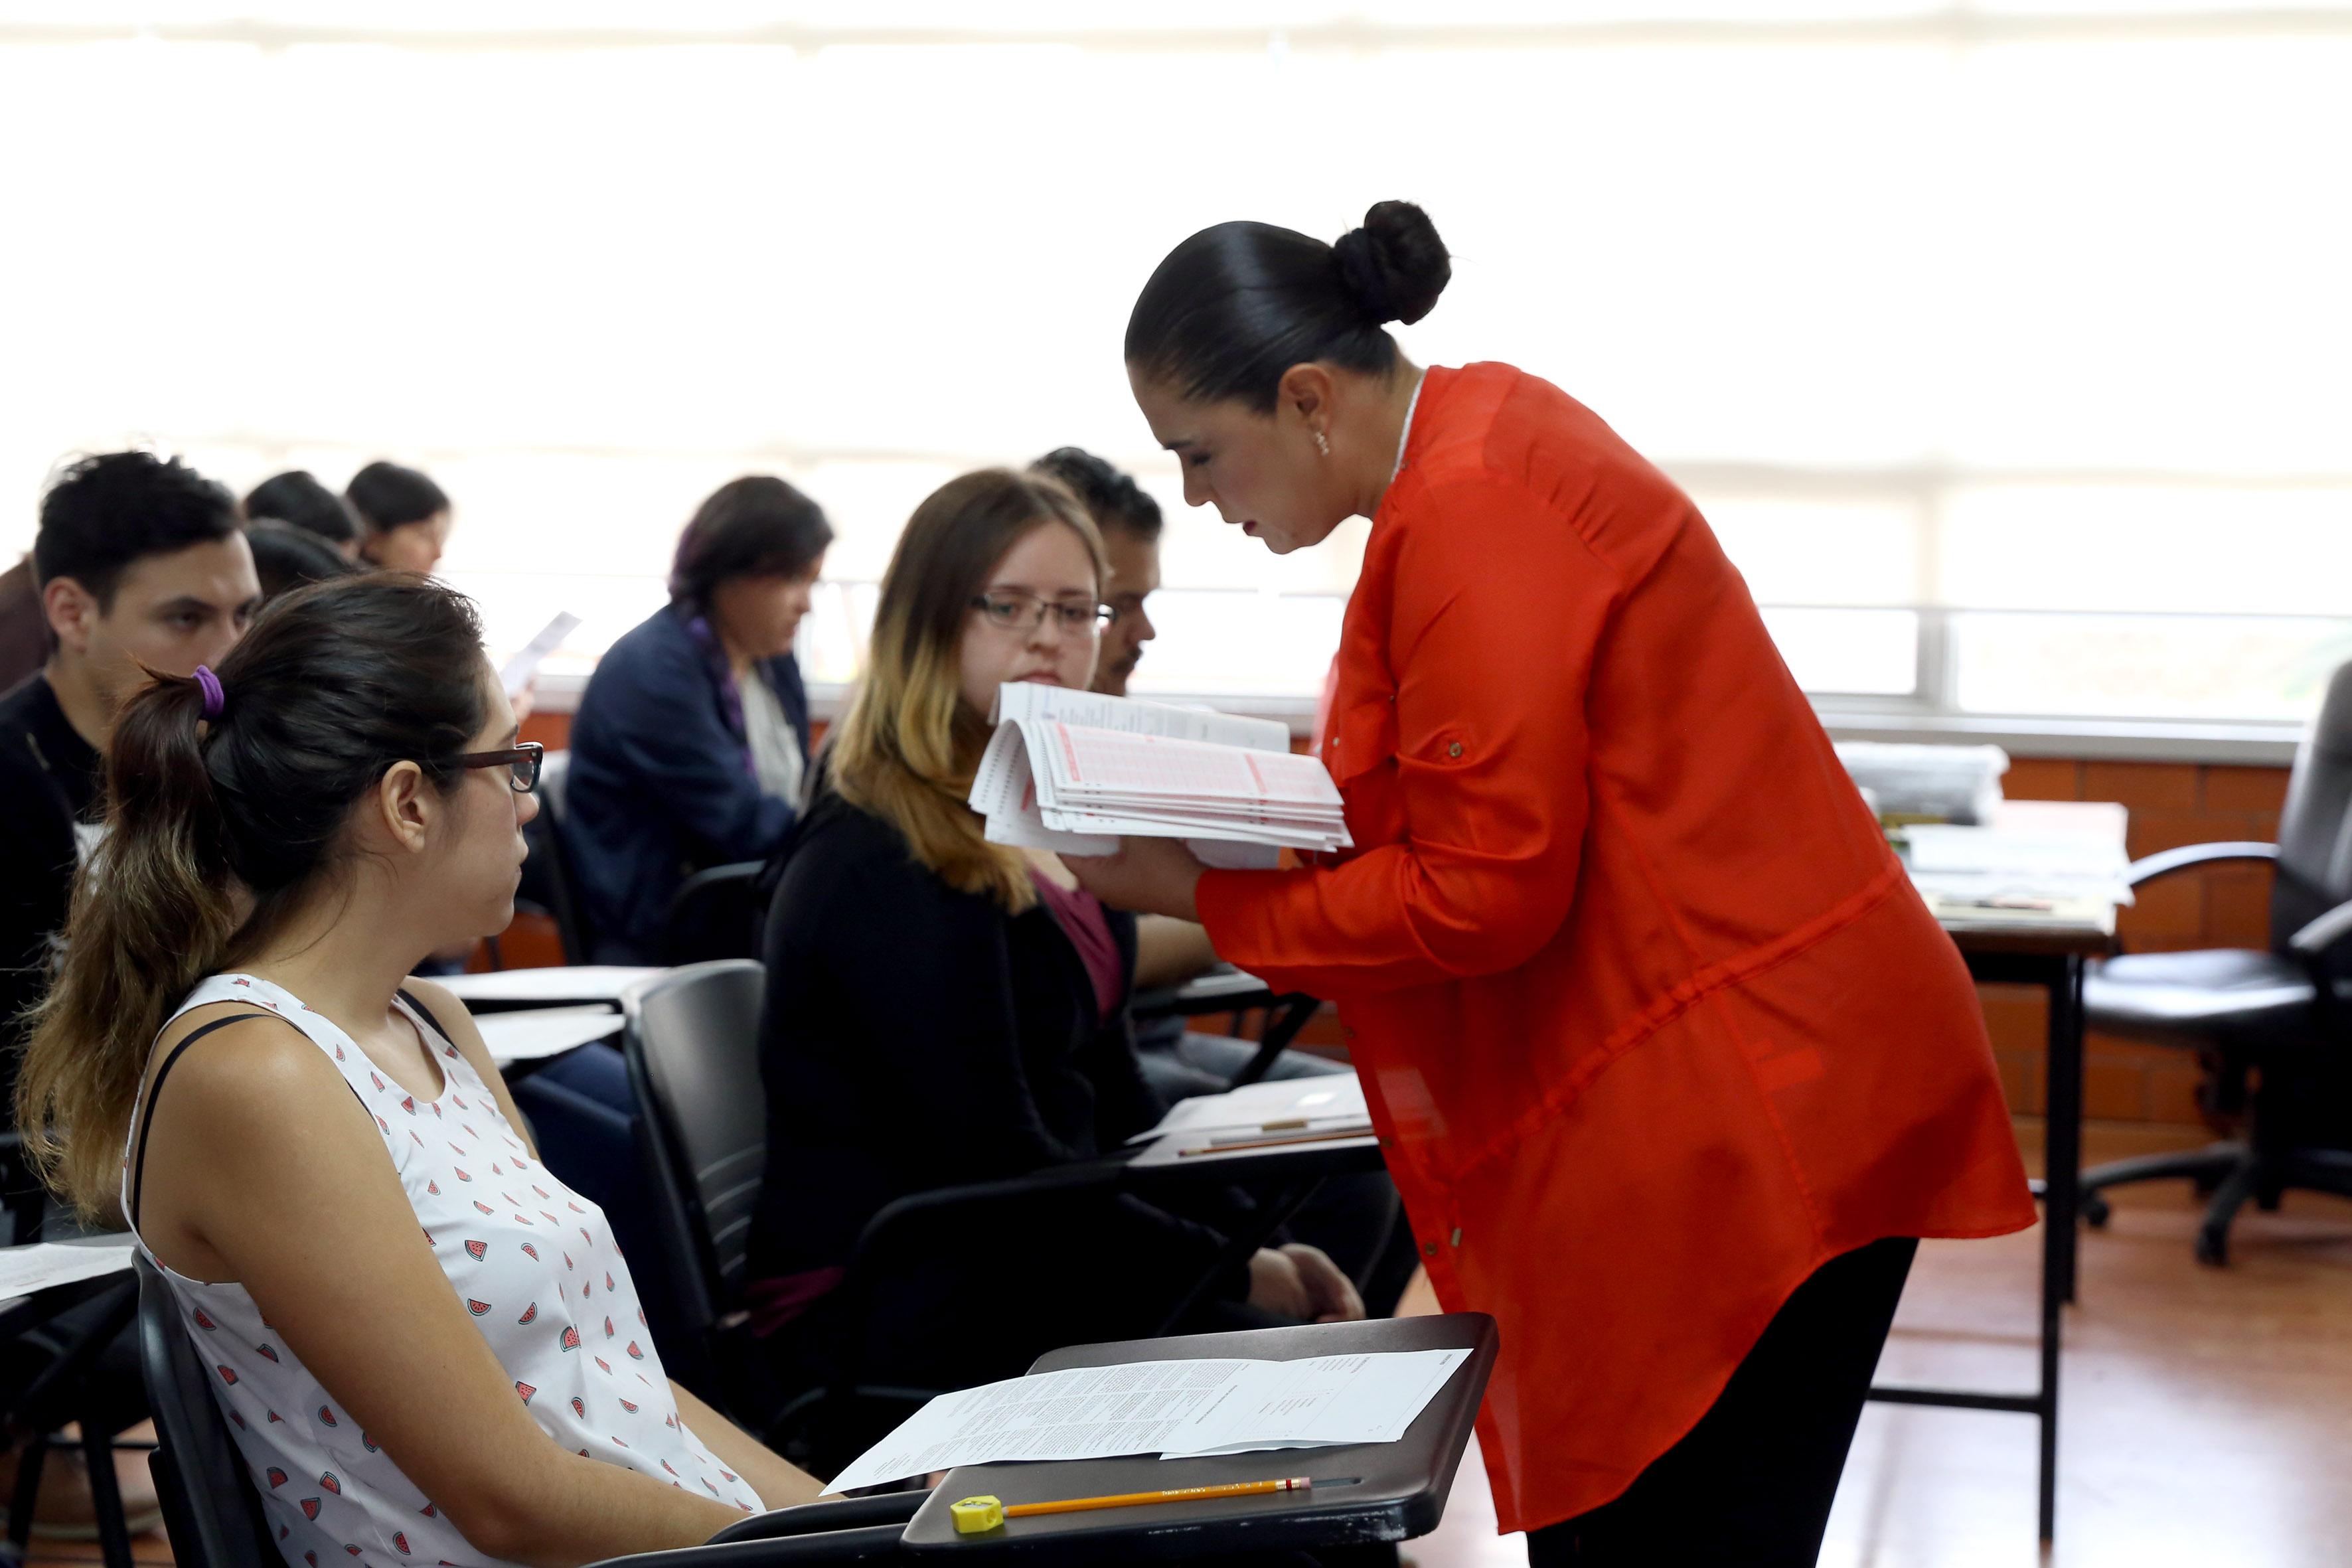 Aspirantes realizando prueba de aptitud académica